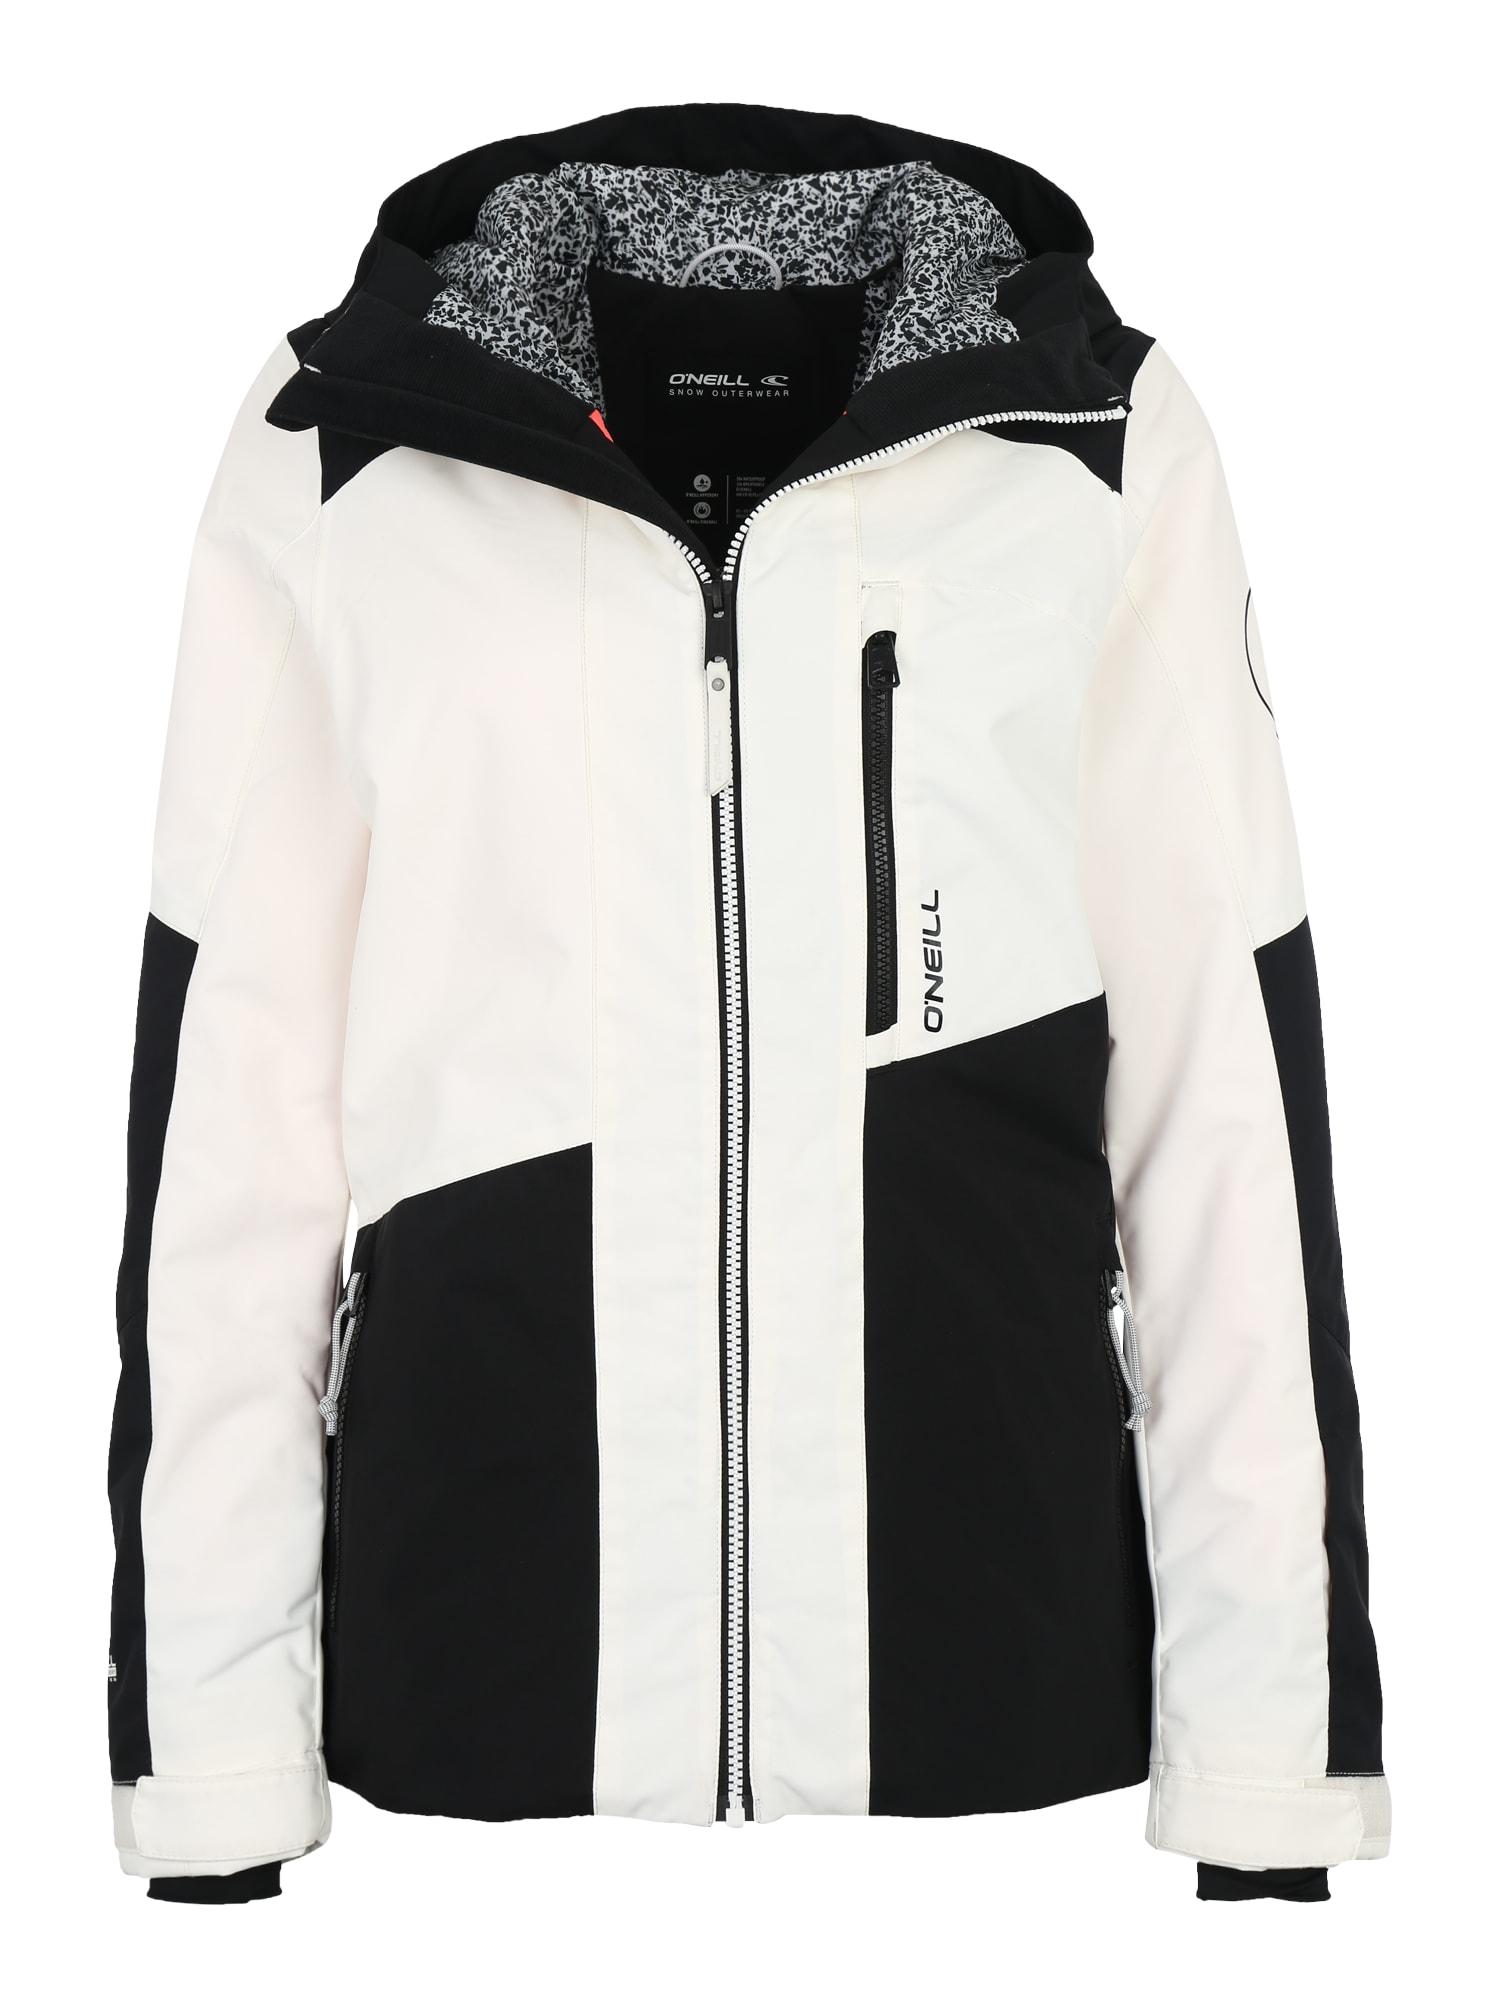 ONEILL Outdoorová bunda CASCADE černá bílá O'NEILL